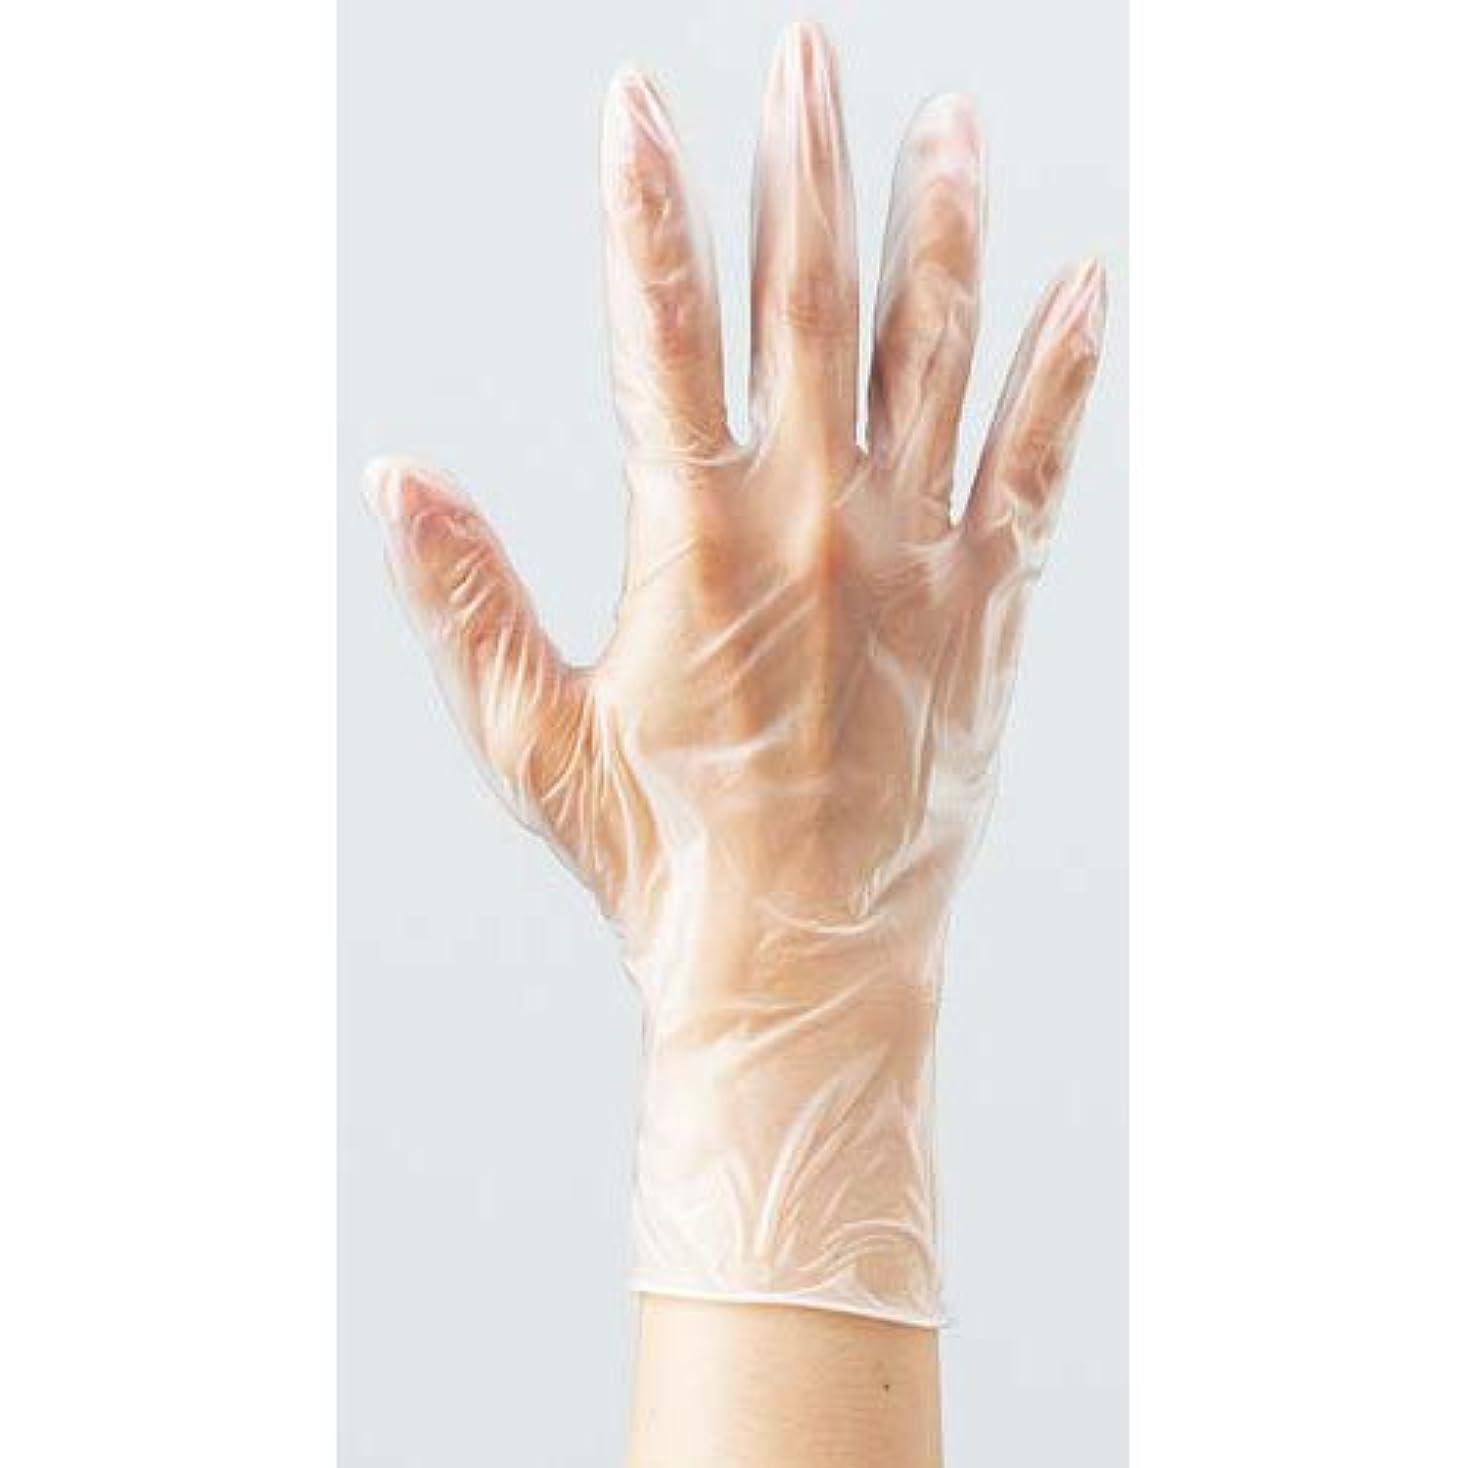 メンタルくすぐったい不倫カウネット プラスチック手袋 袋入 粉無M 100枚×30